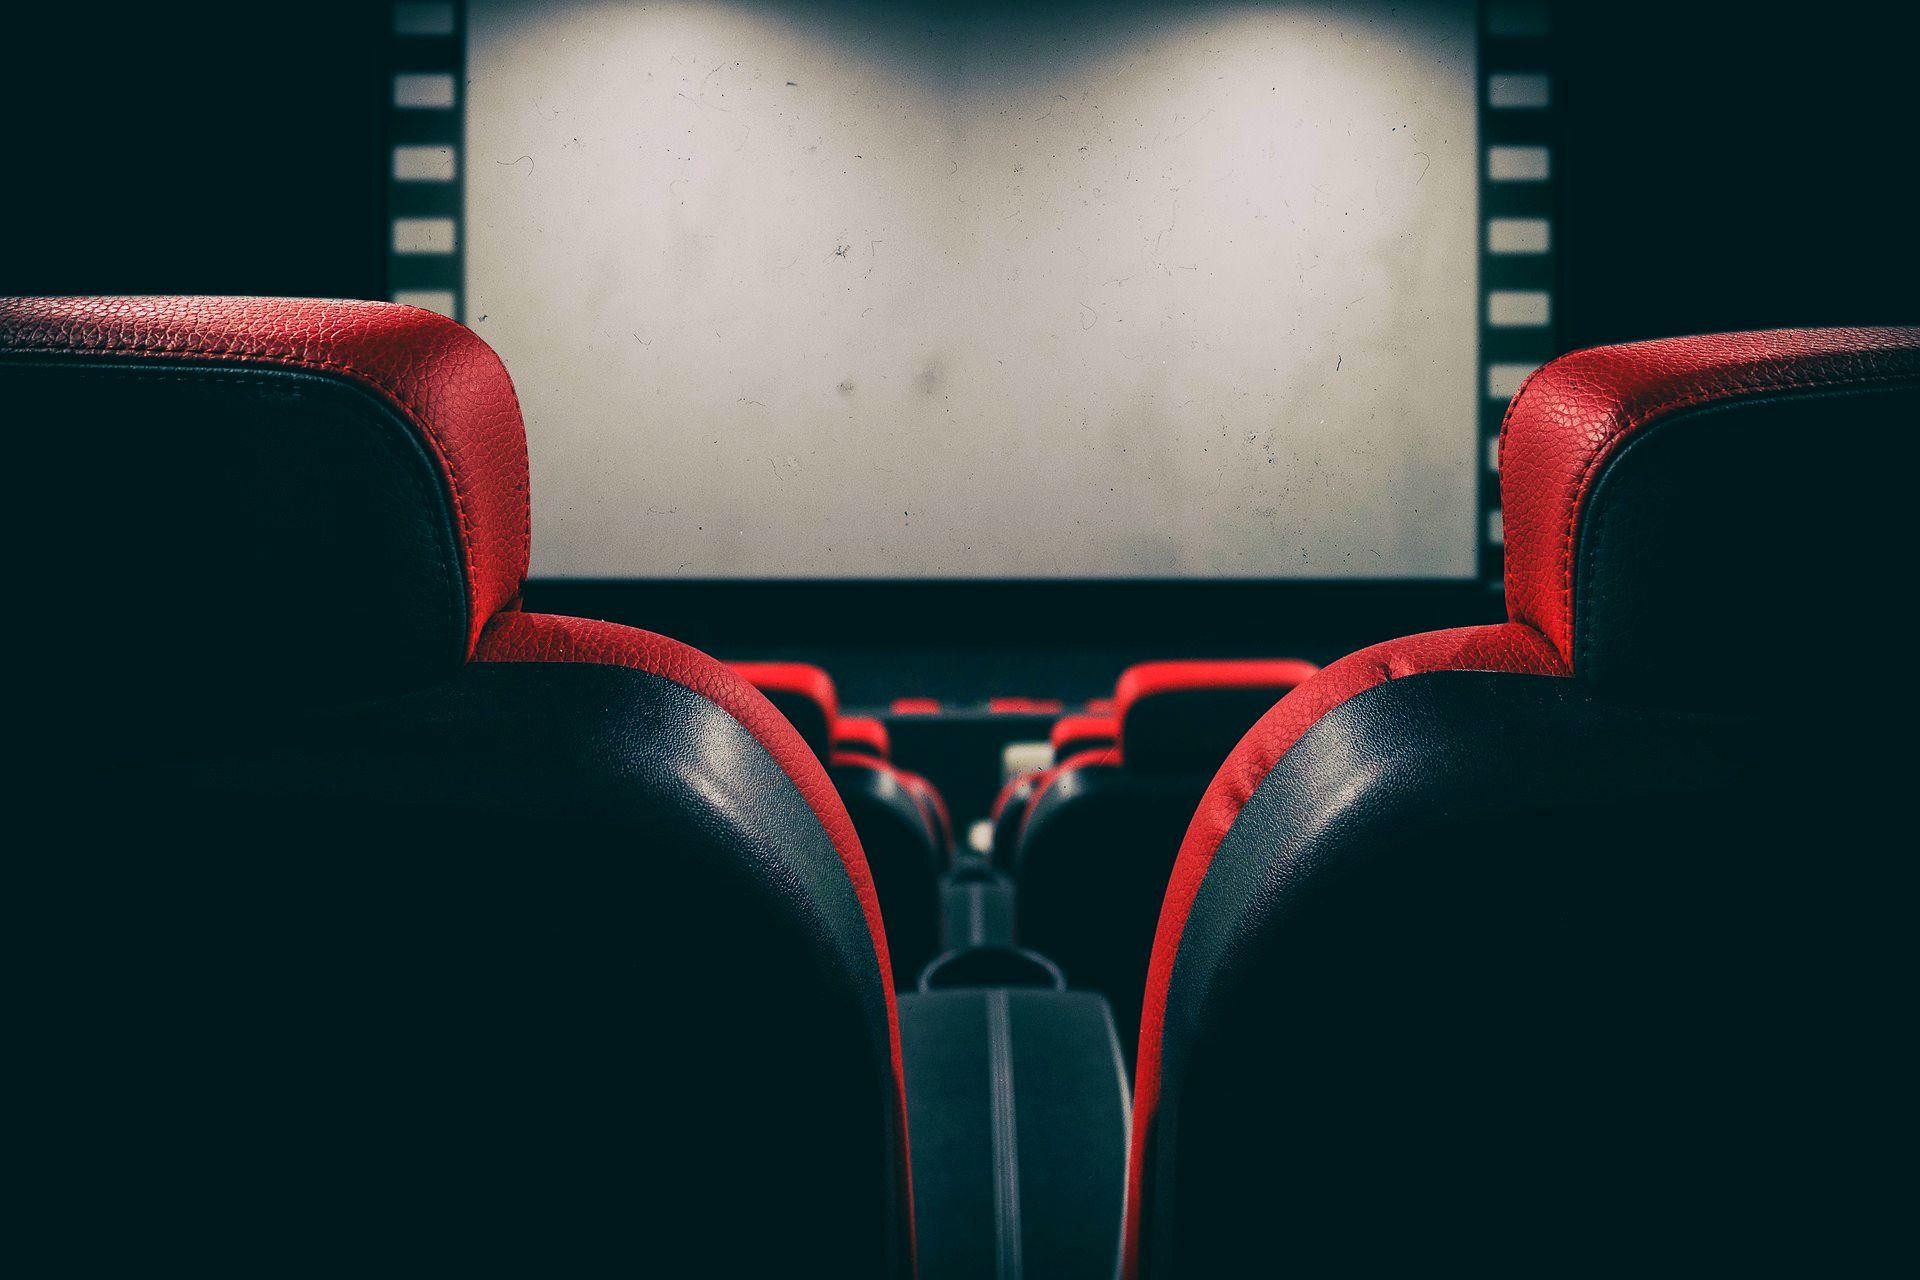 W 2018 r. najwięcej kin stałych prowadziło działalność w województwach mazowieckim i śląskim. Pod względem liczby widzów wyróżniało się województwo mazowieckie (fot.pixabay)